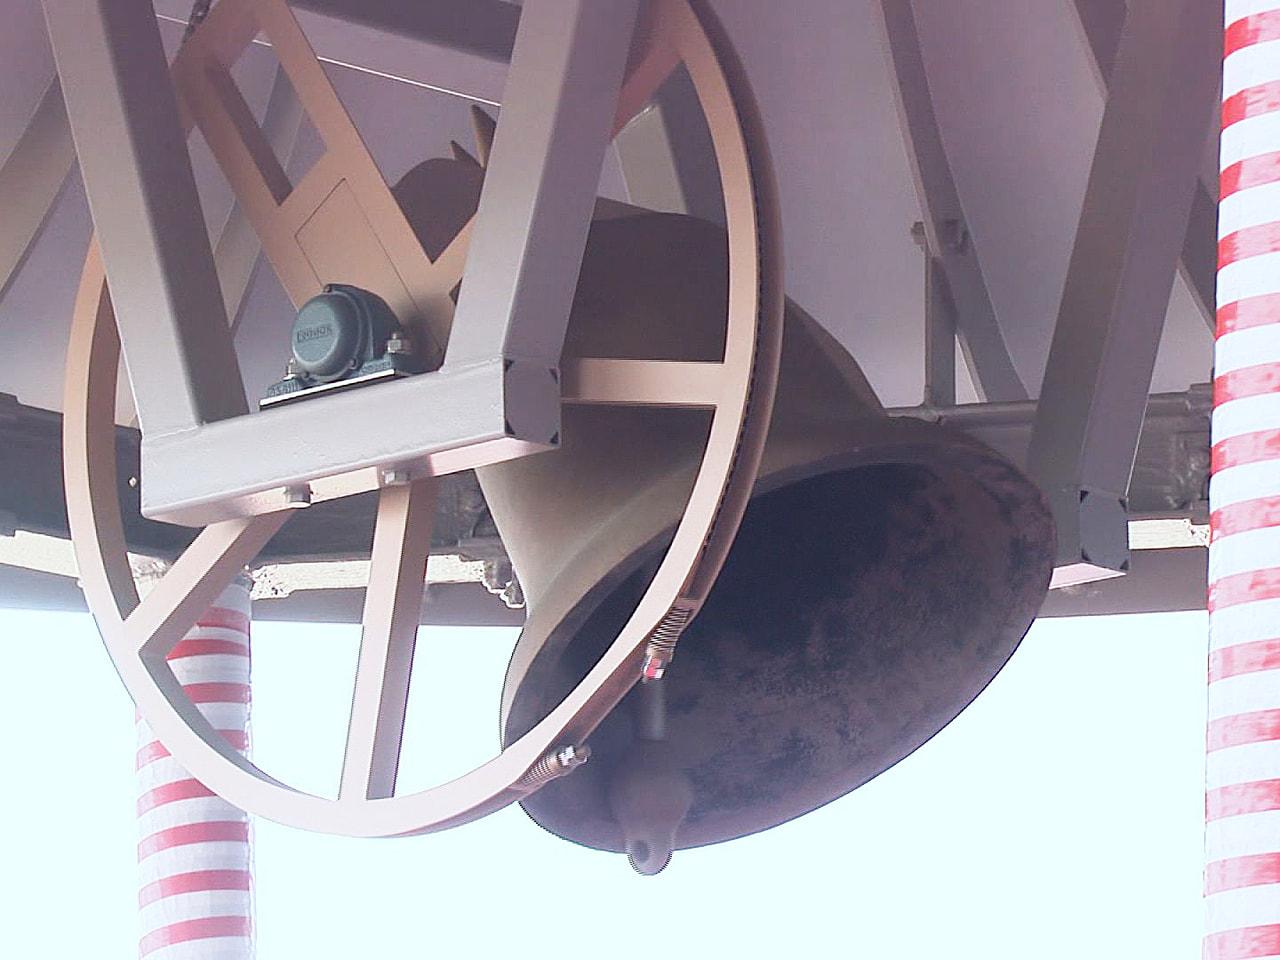 5月6日に開庁する岐阜市の新庁舎に設置された「平和の鐘」を打ち鳴らす式典が5日、...